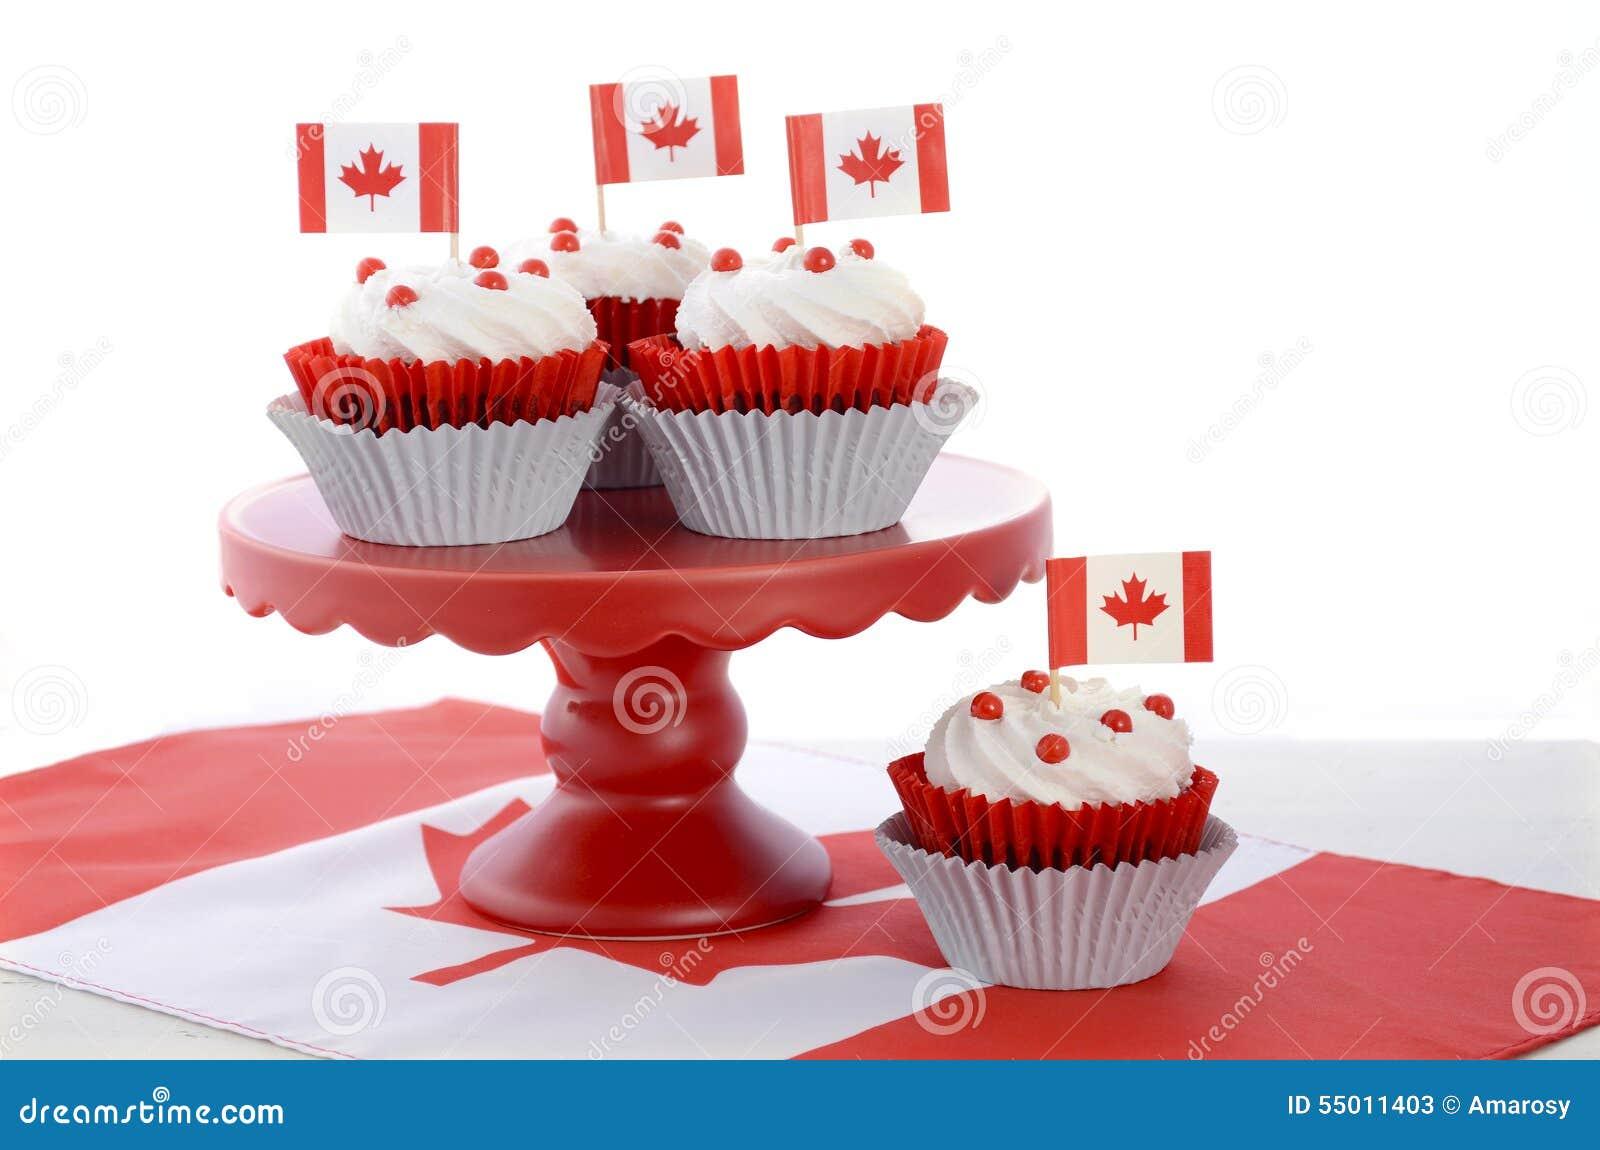 Red And White Anniversary Cake